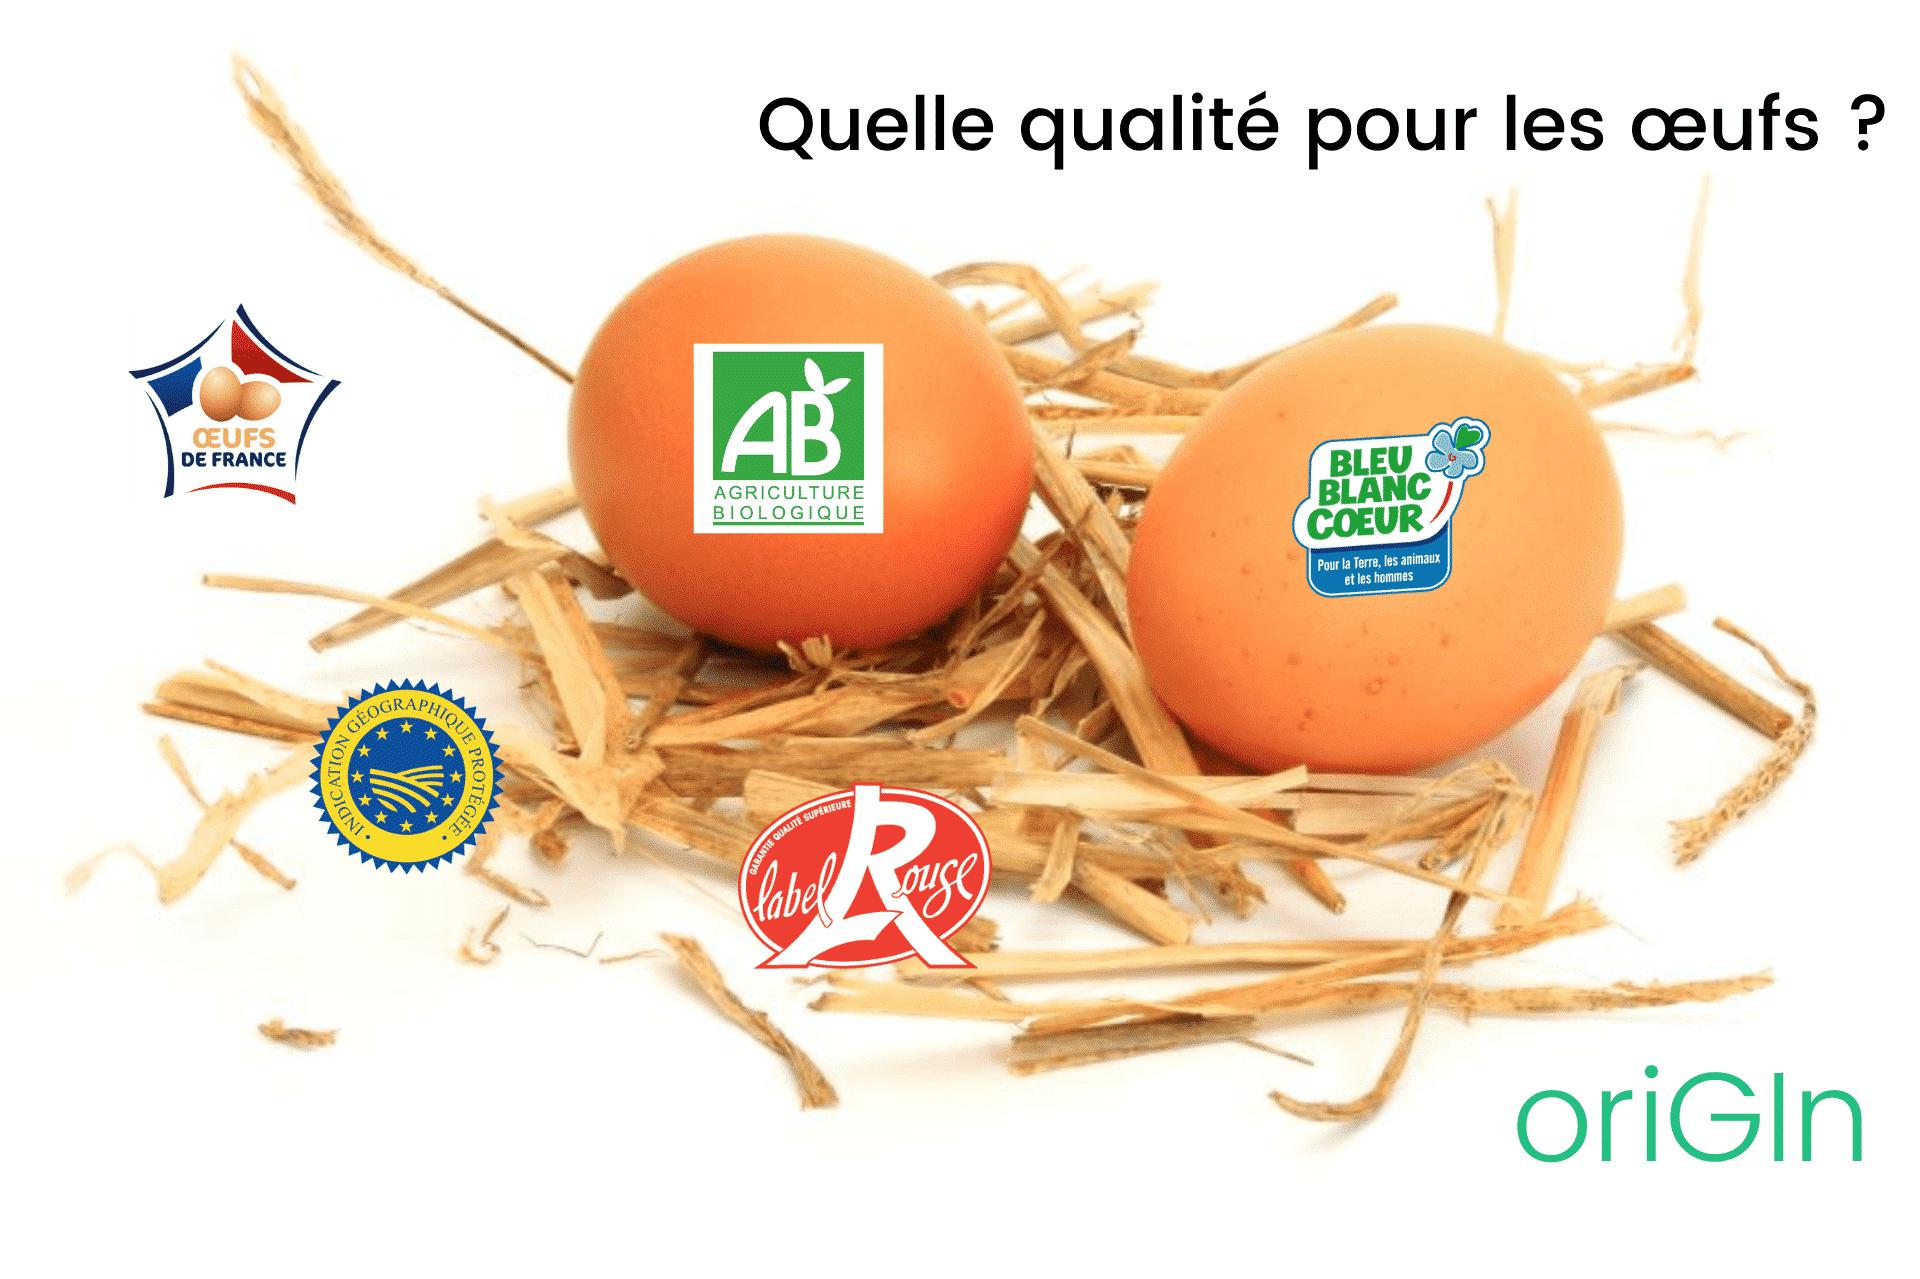 Comment choisir des œufs de qualité